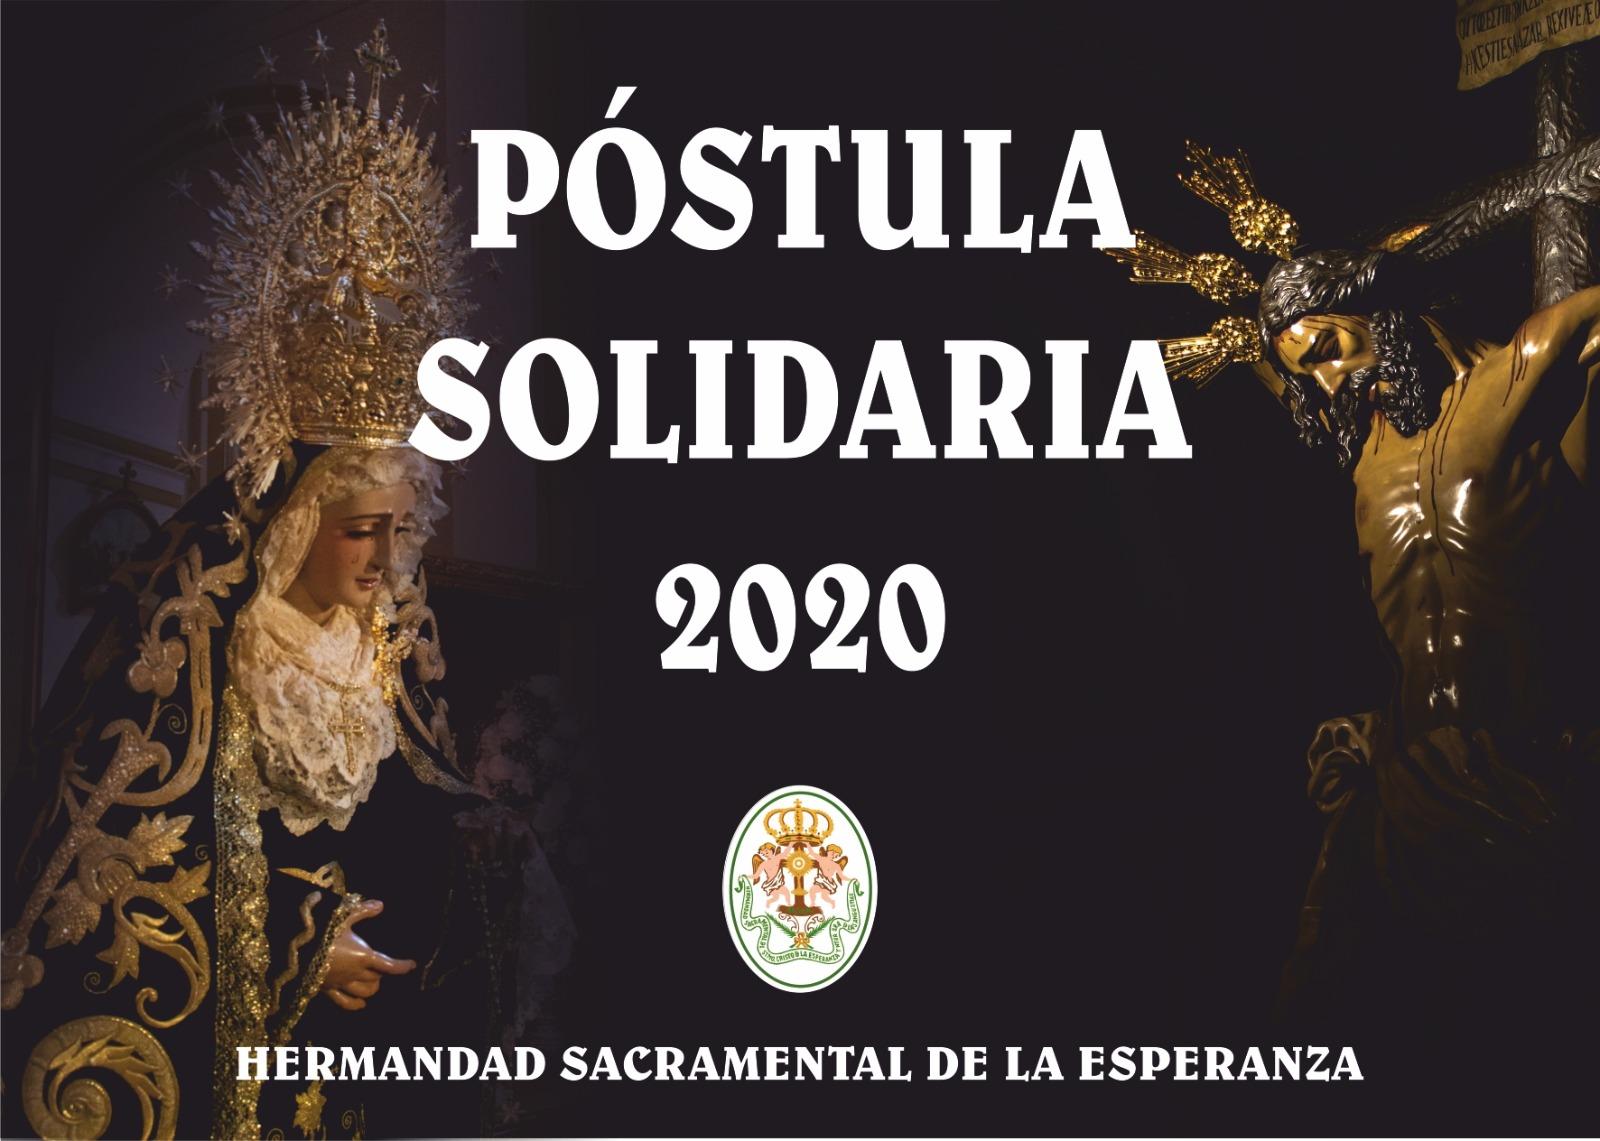 Póstula Solidaria